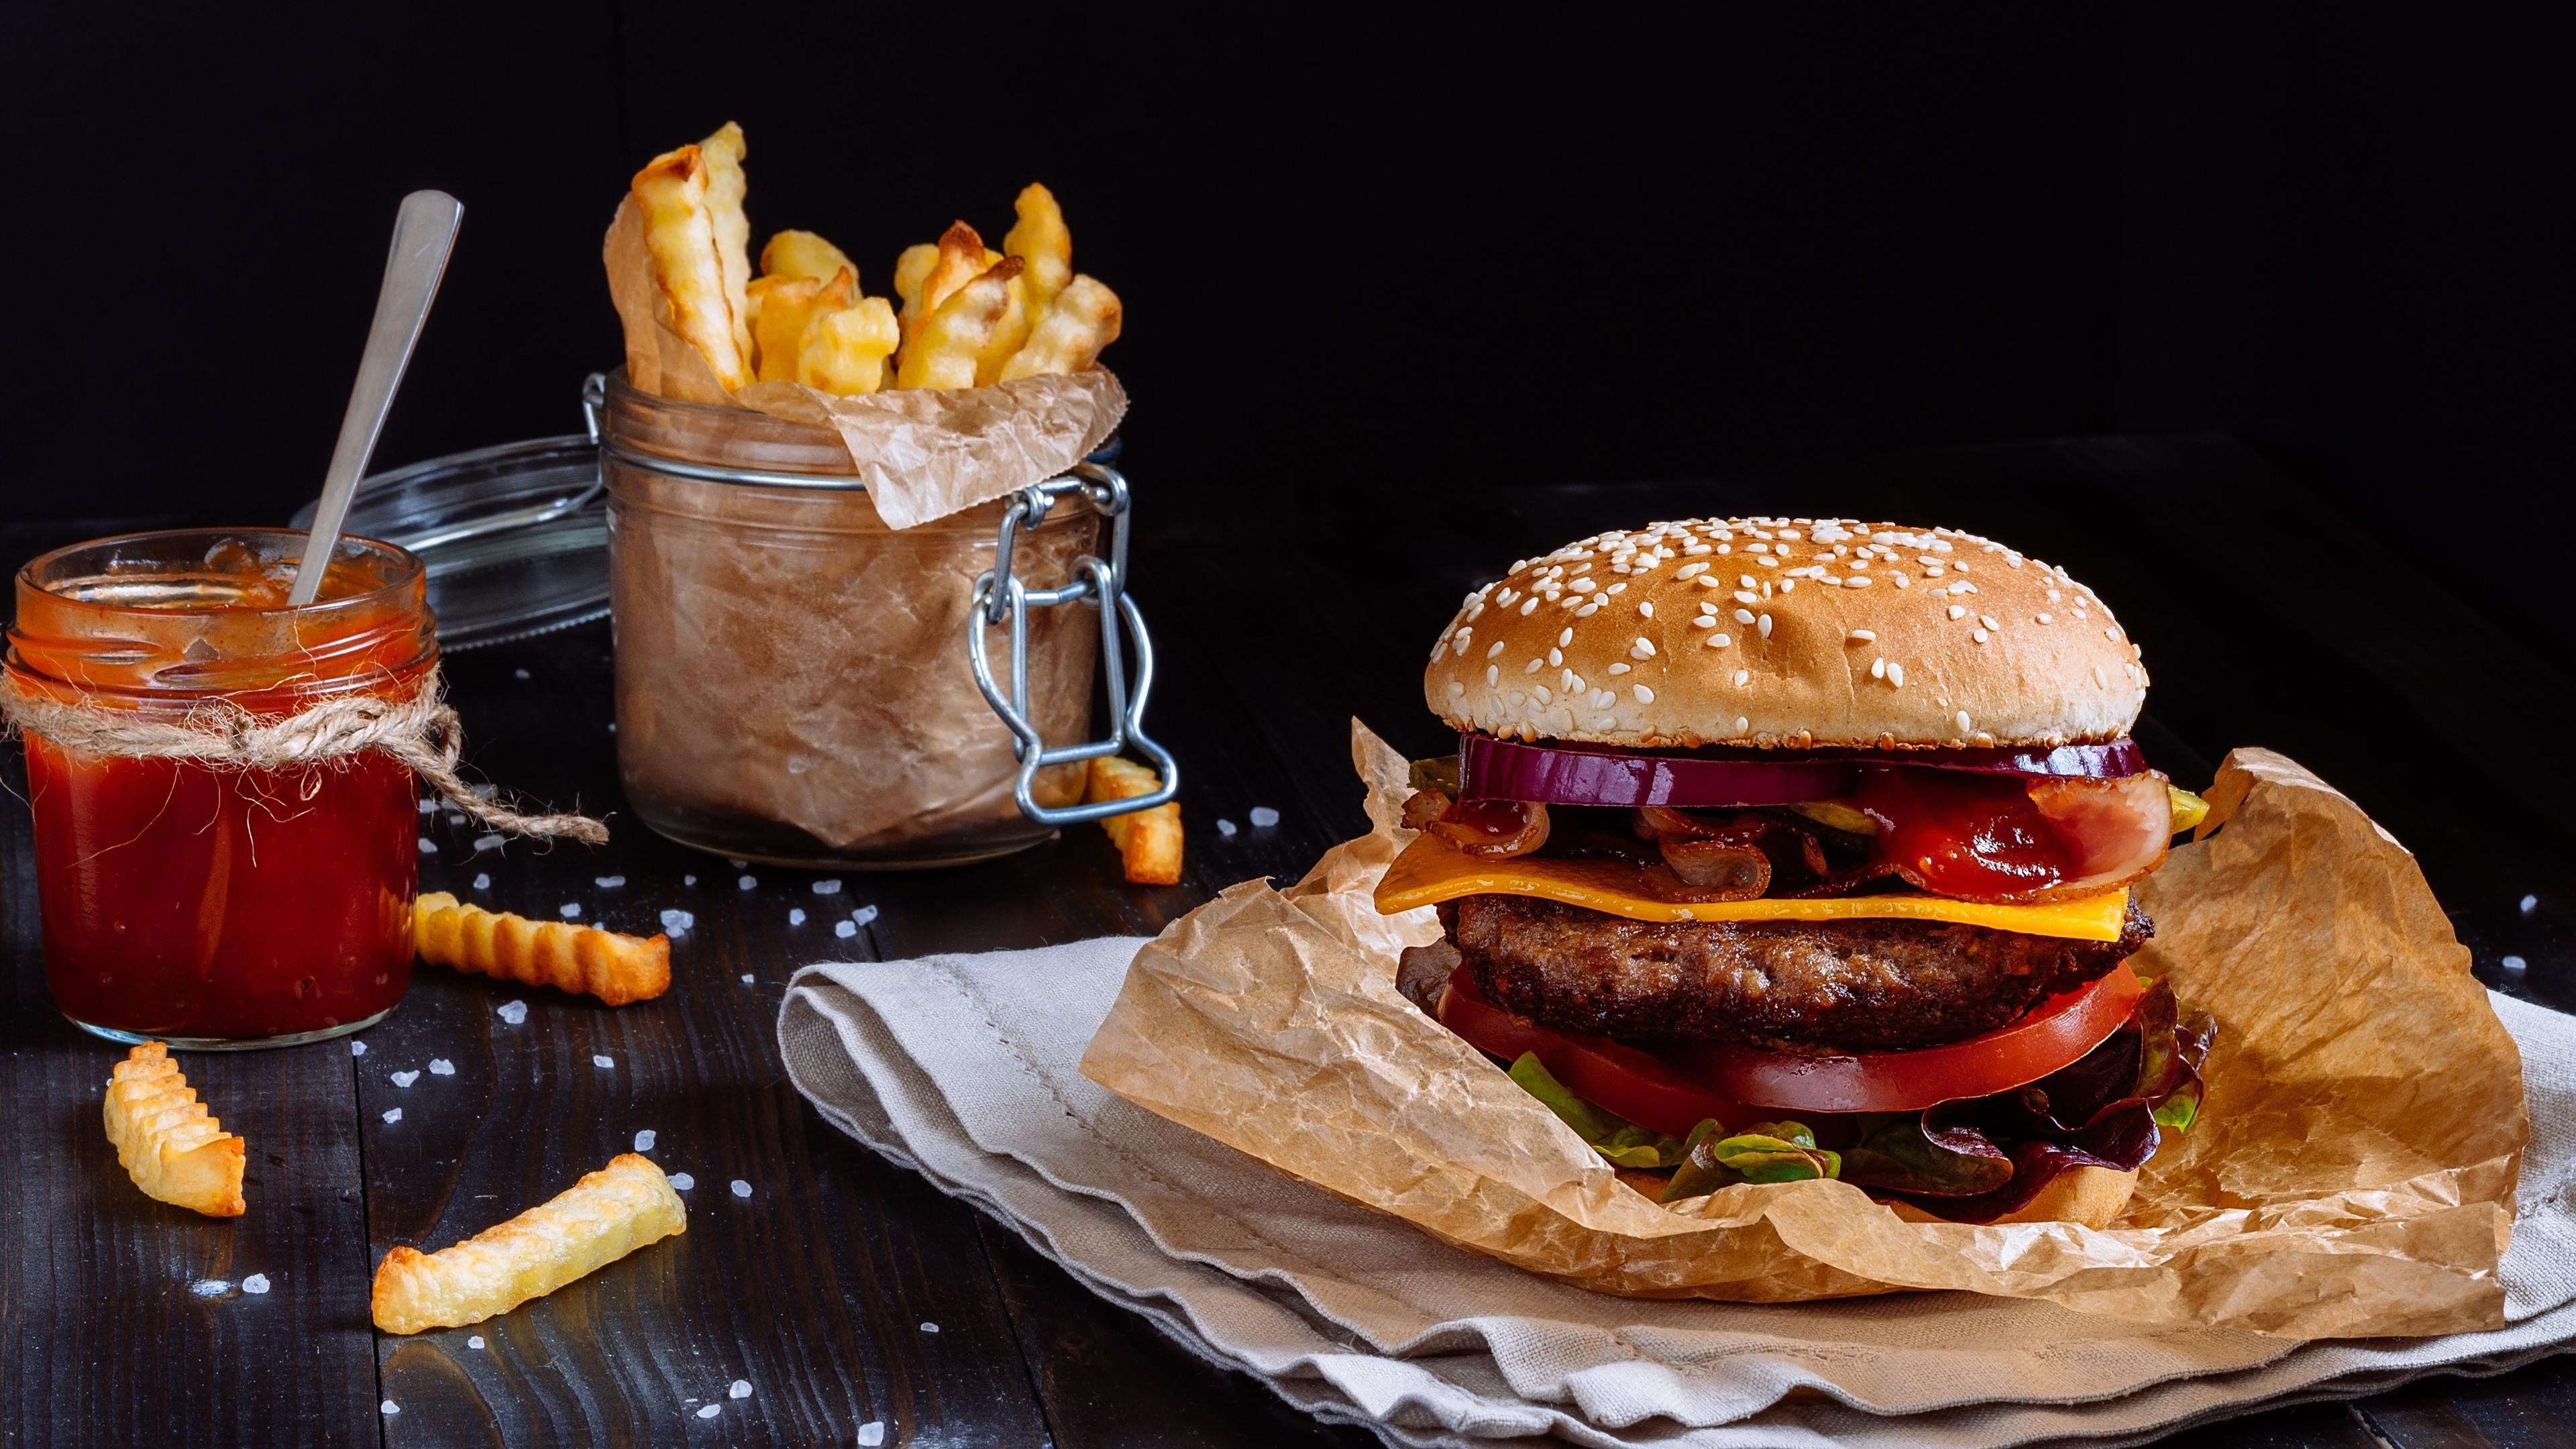 fast food hamburger hd wallpaper 74107